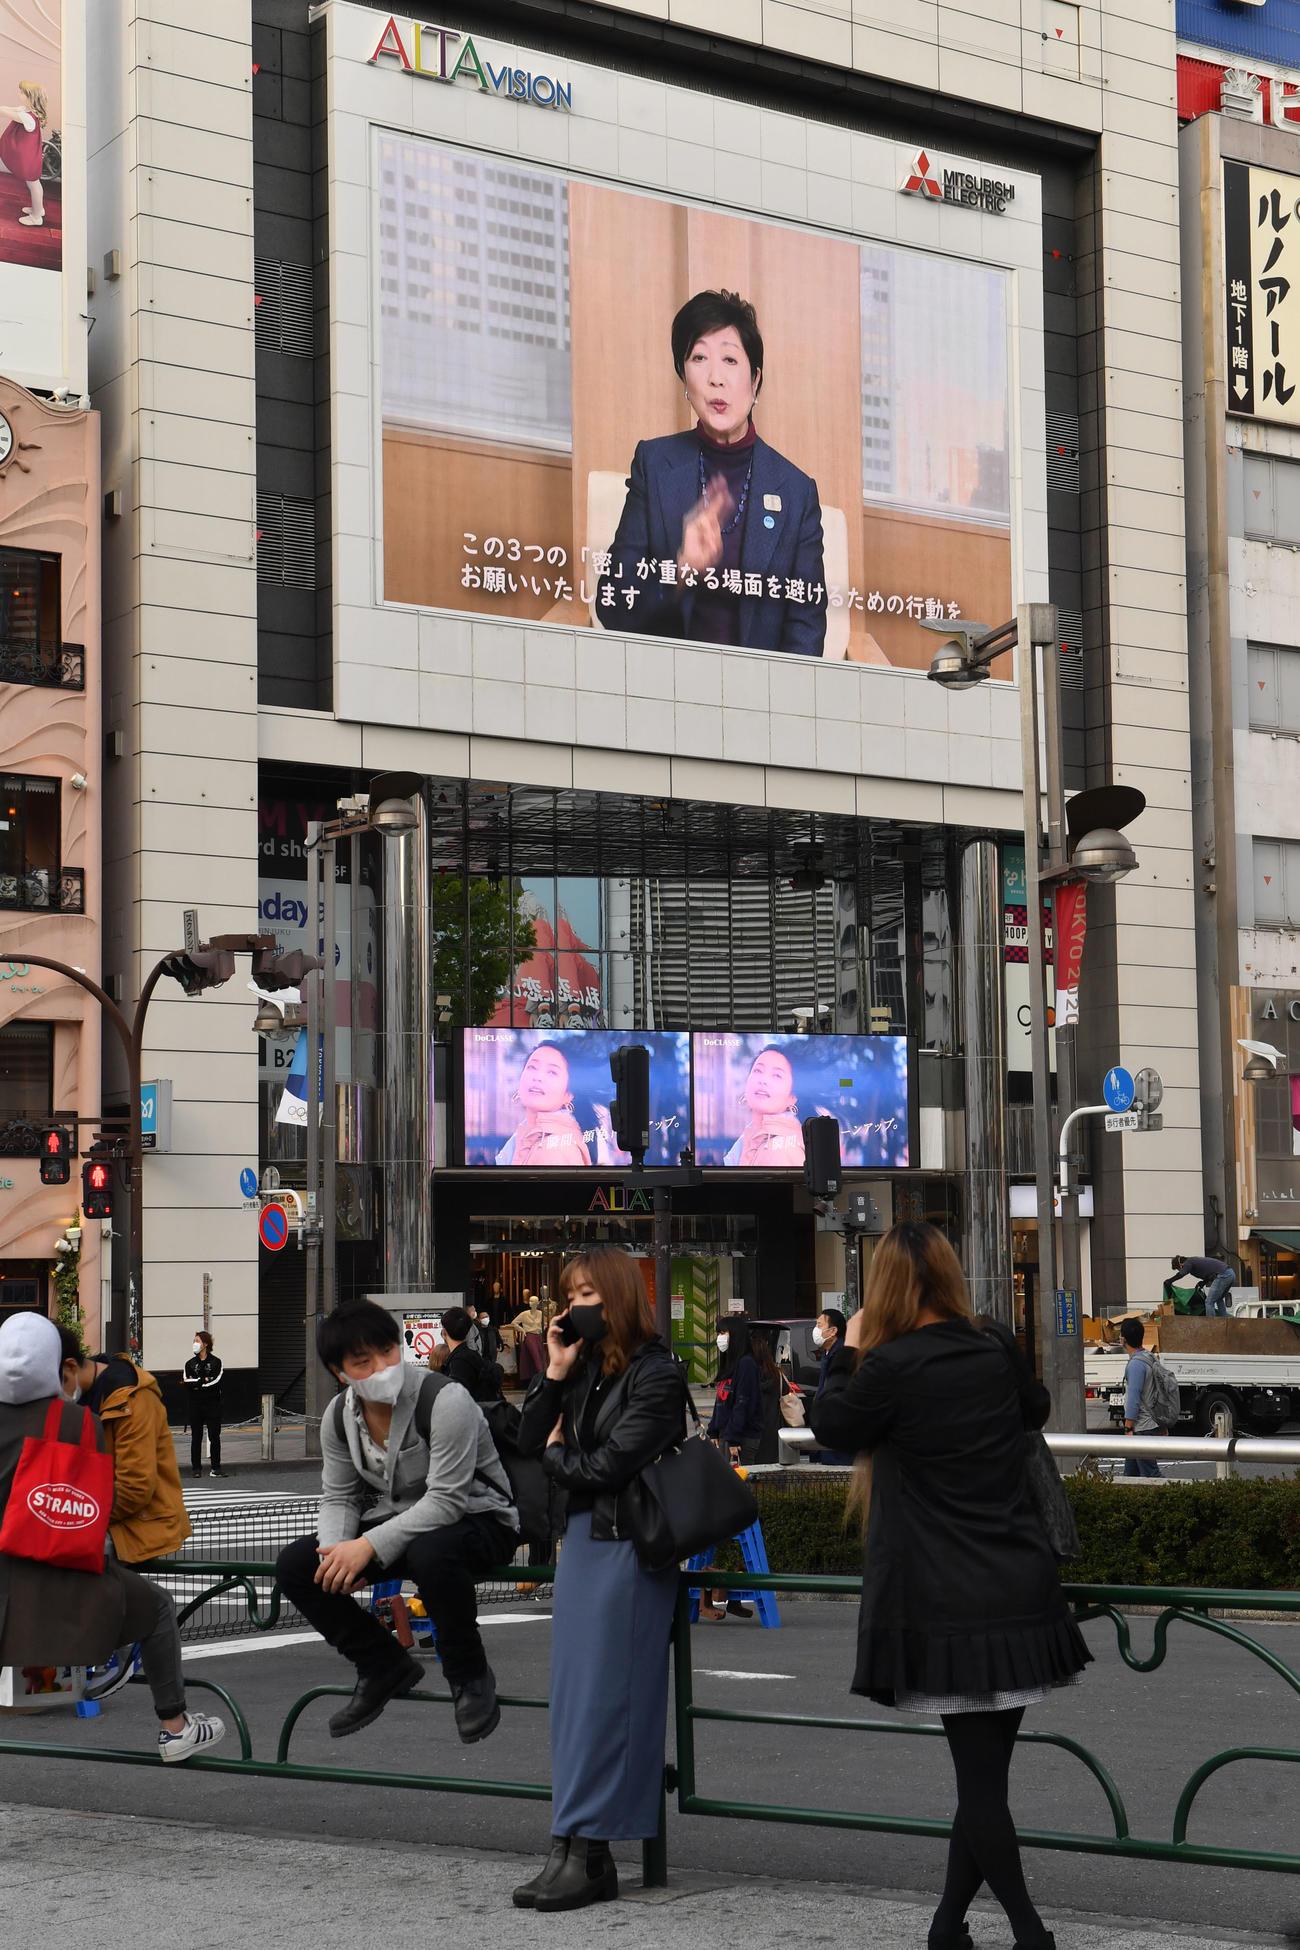 緊急事態宣言の発令を前に、新宿アルタの電光掲示板で小池都知事がコロナウイルス感染拡大防止を訴えていた(撮影・柴田隆二)